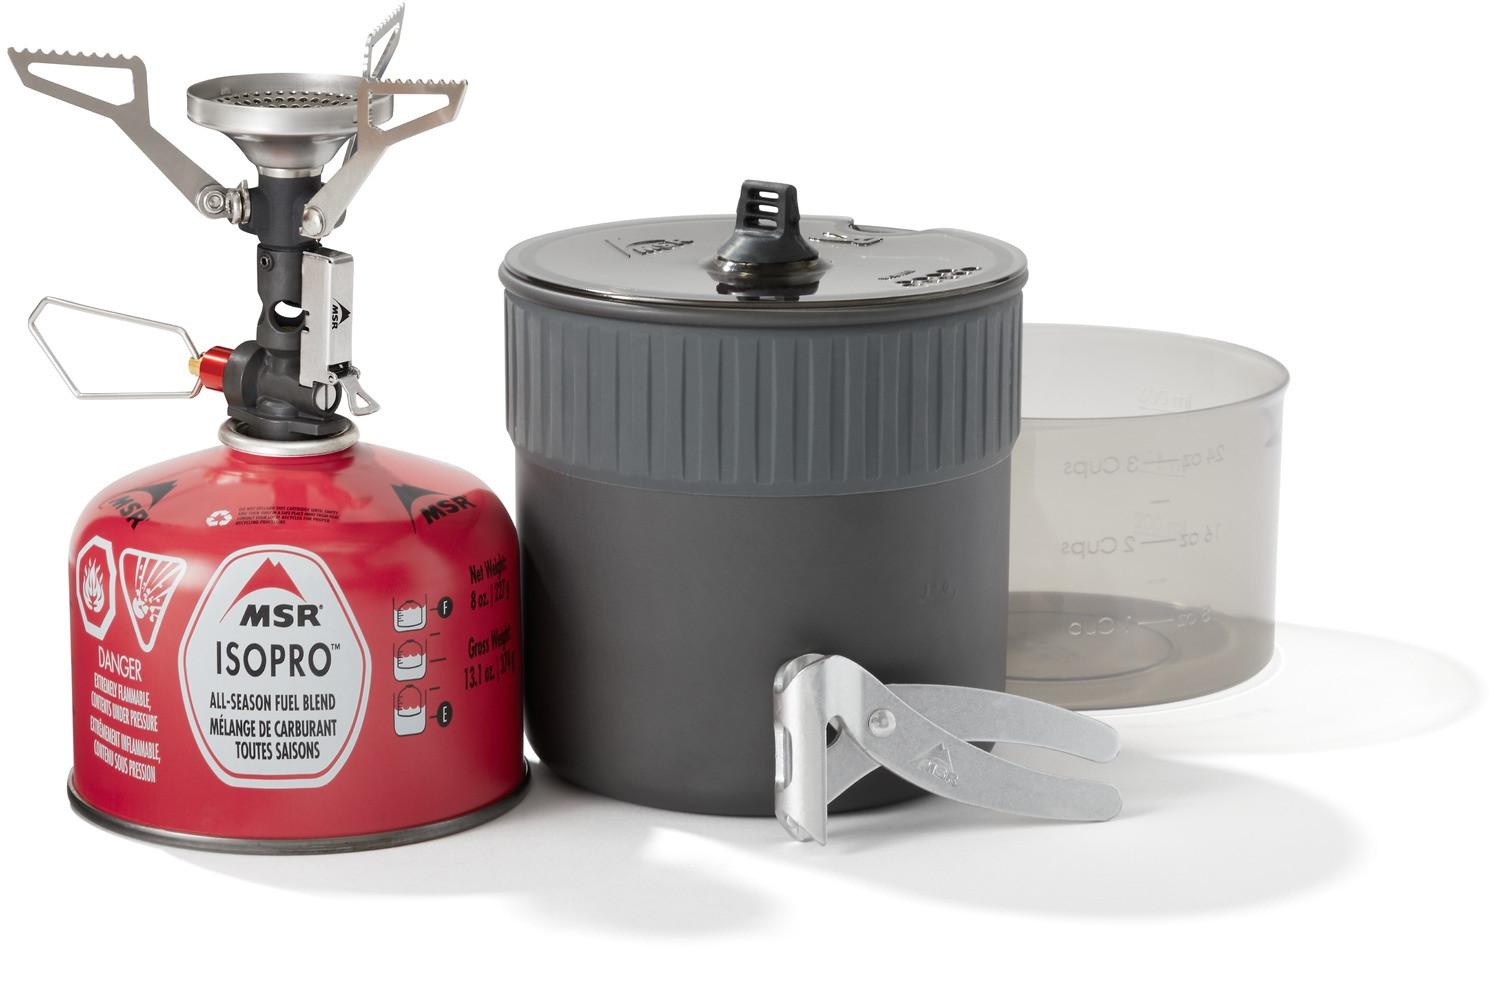 Batterie De Cuisine Gaz kit de réchaud msr pocket rocket deluxe